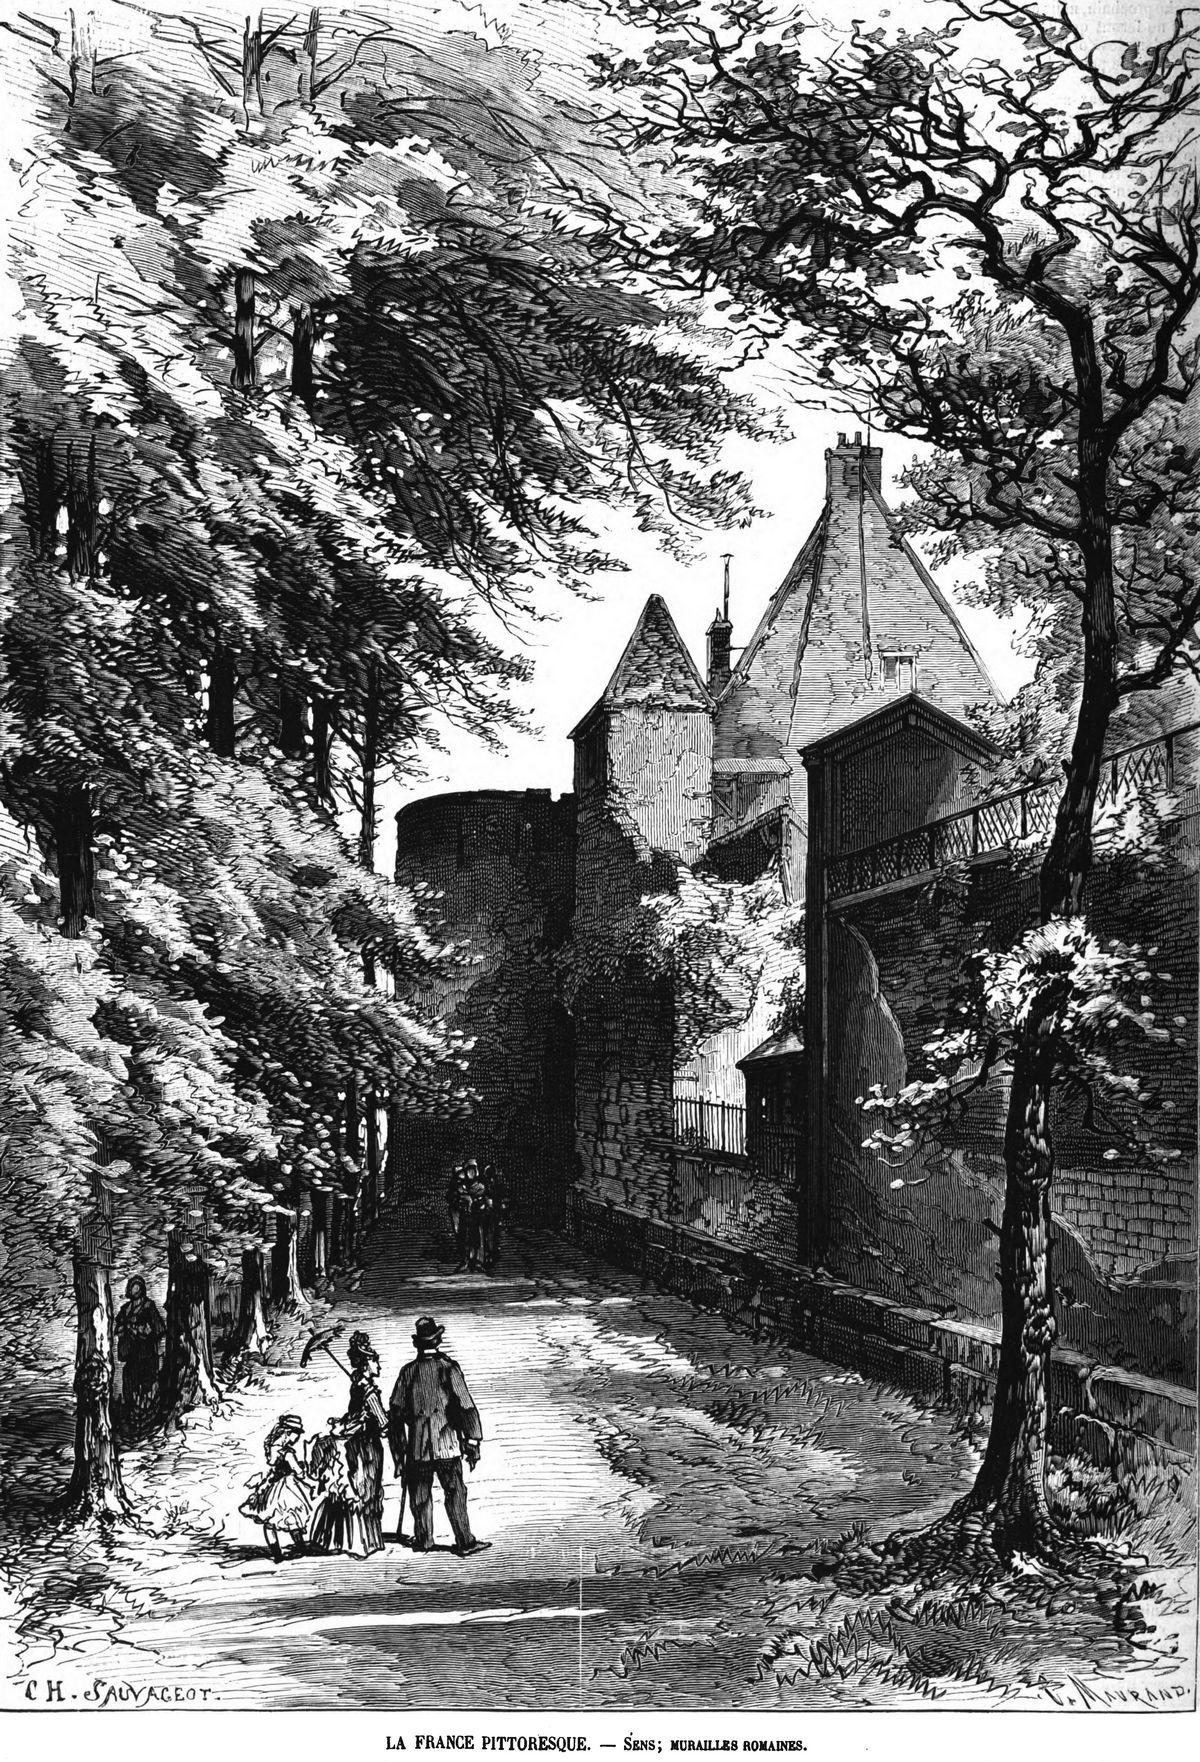 La France pittoresque : Sens; murailles romaines. 1875